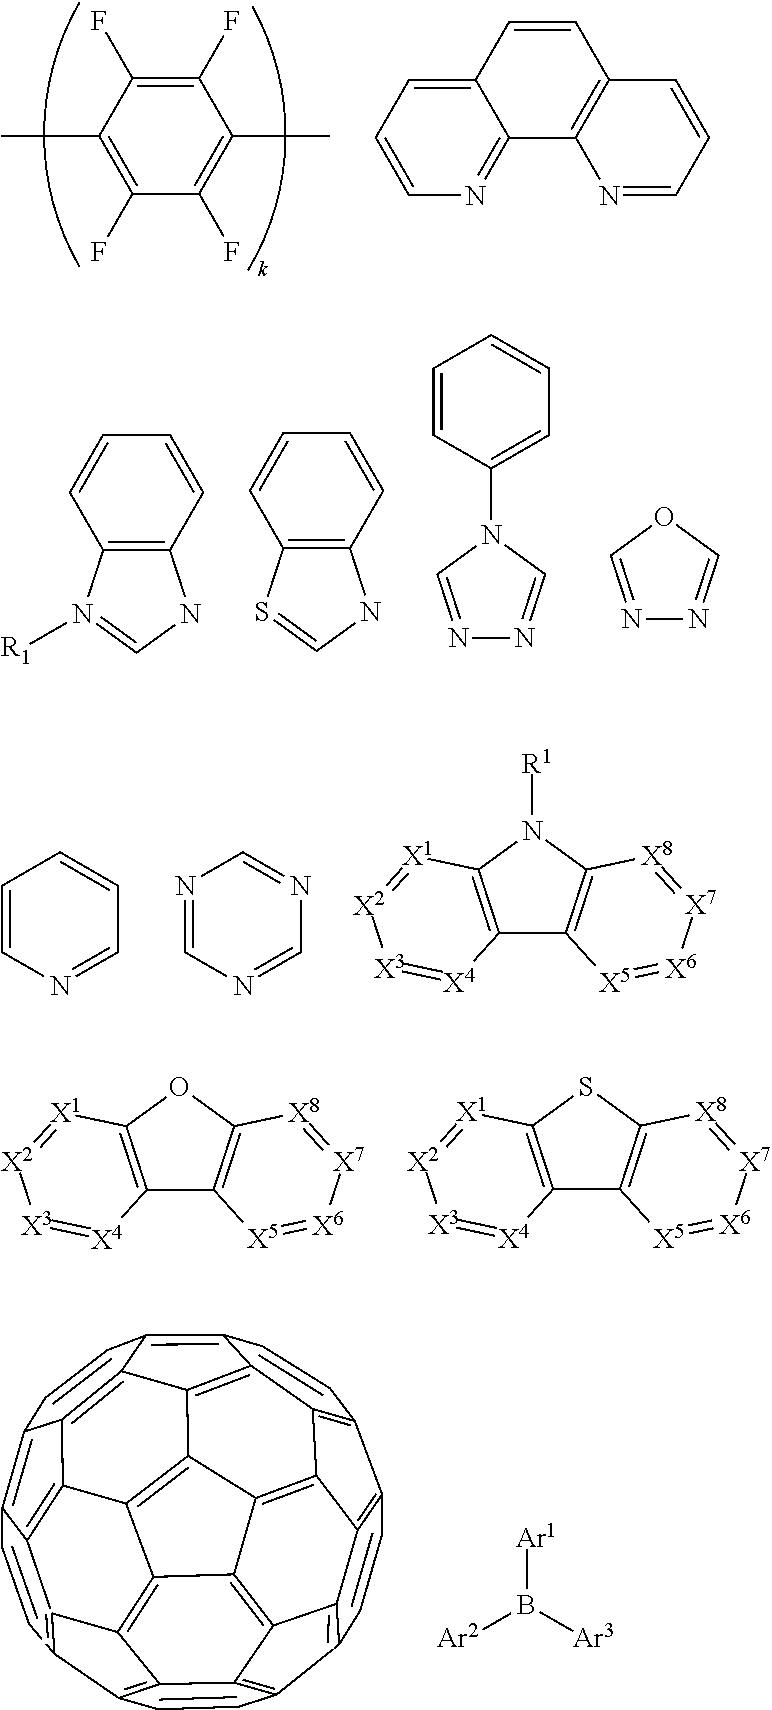 Figure US08580399-20131112-C00039